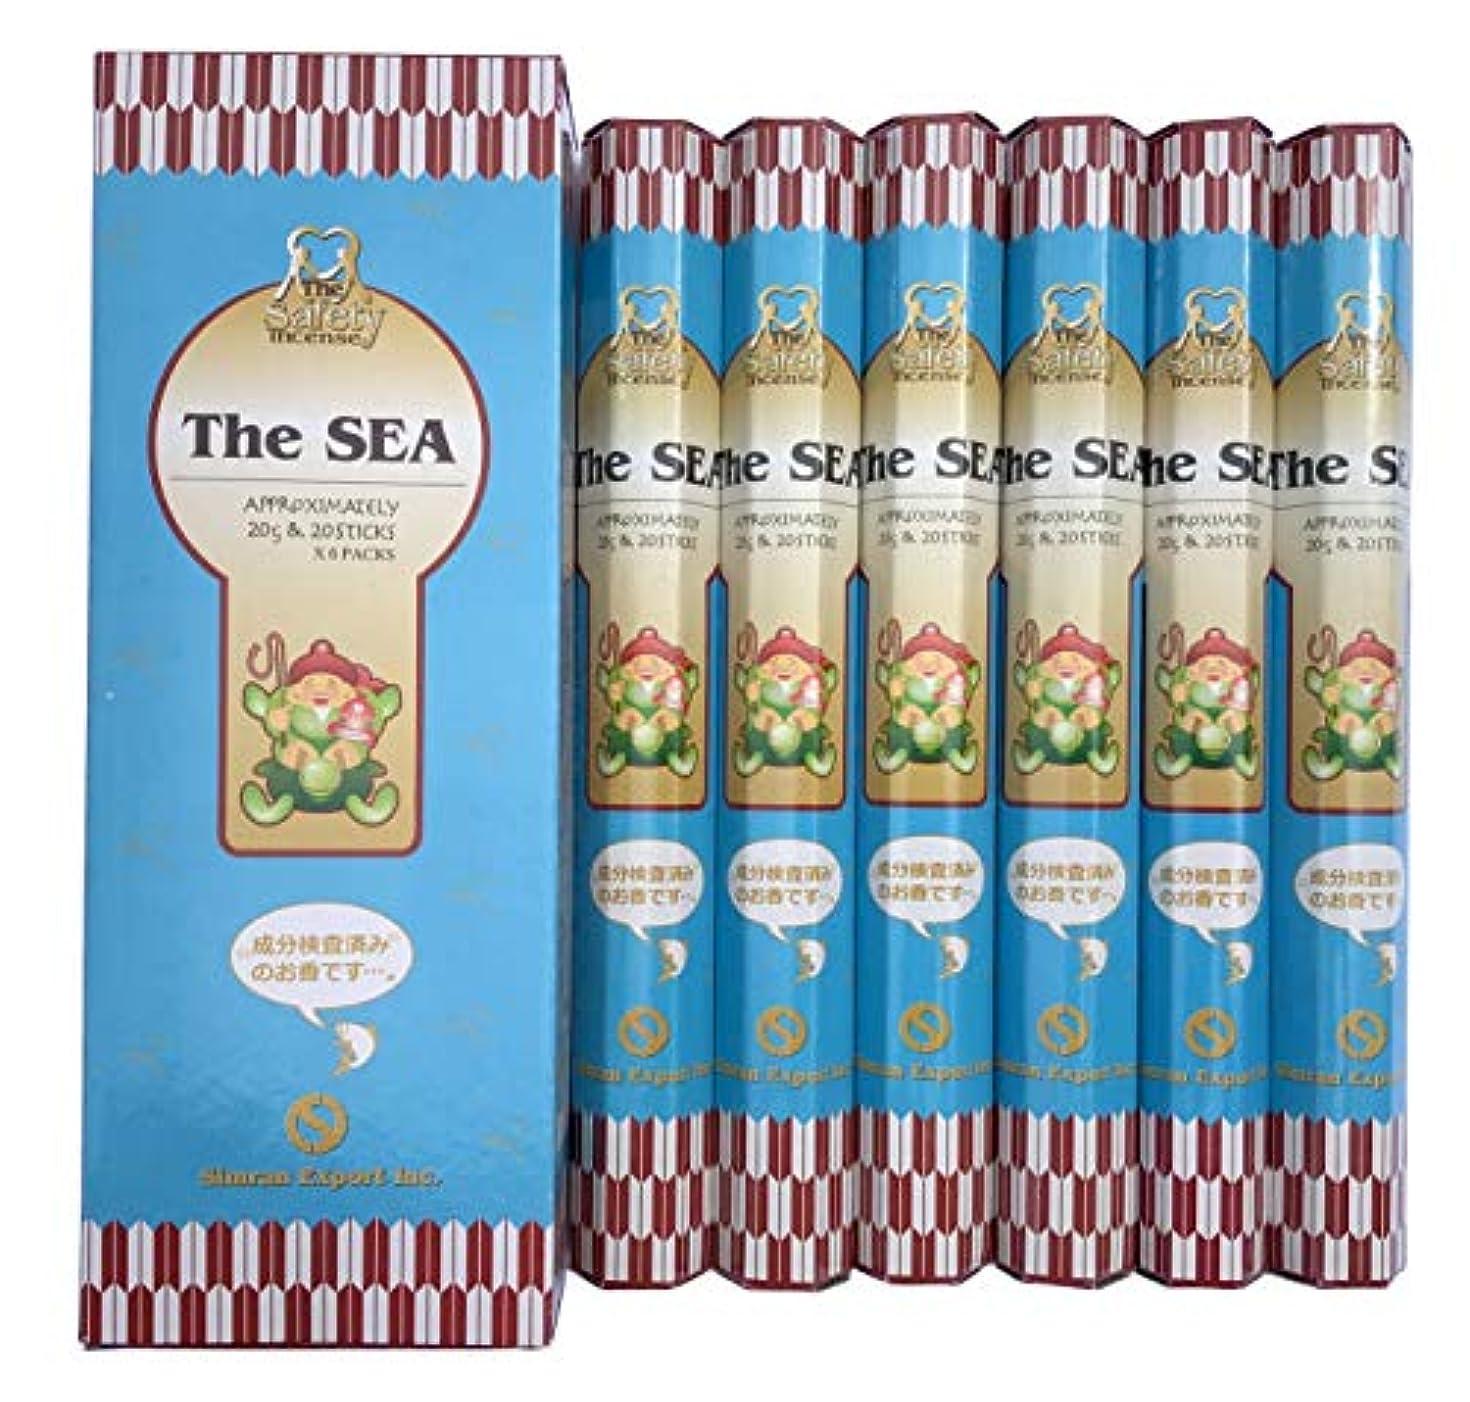 ファイアル参照するアベニューインド香 The SEA ザ?シー 潮風の香り スティック 6個セット シムラン社 成分検査済み